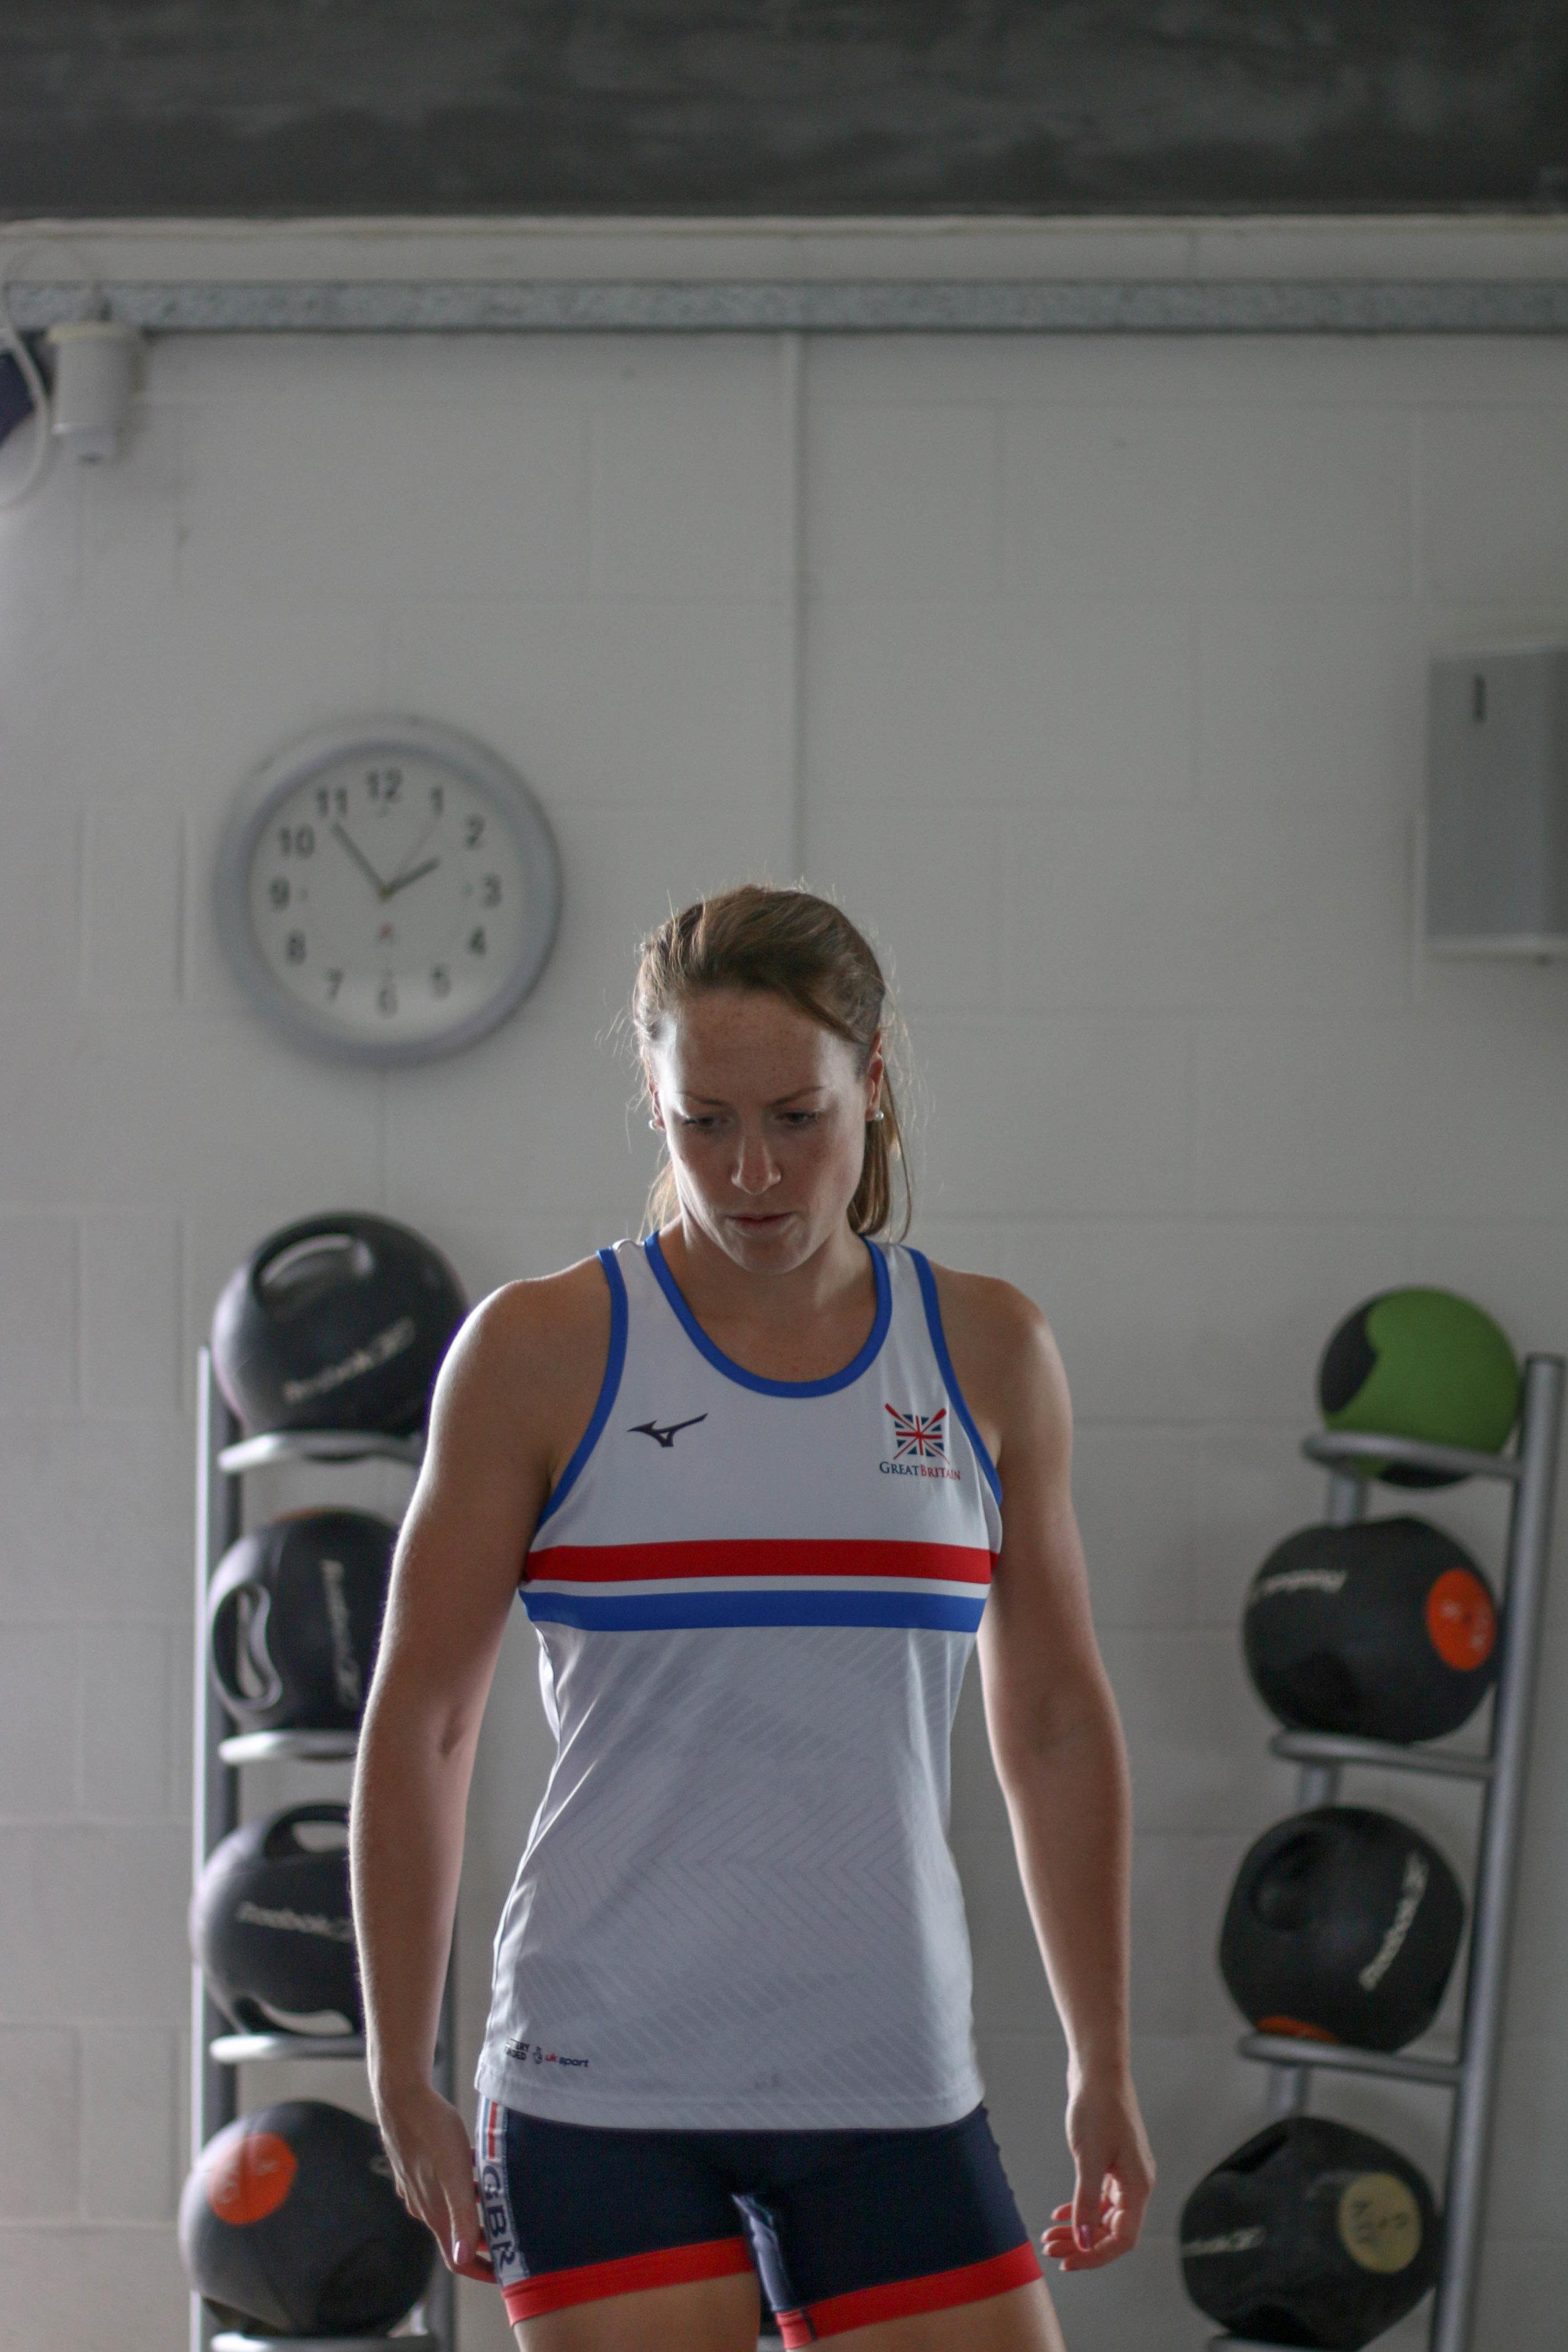 womens-sport-karen-bennett-rowing-athlete07.jpg